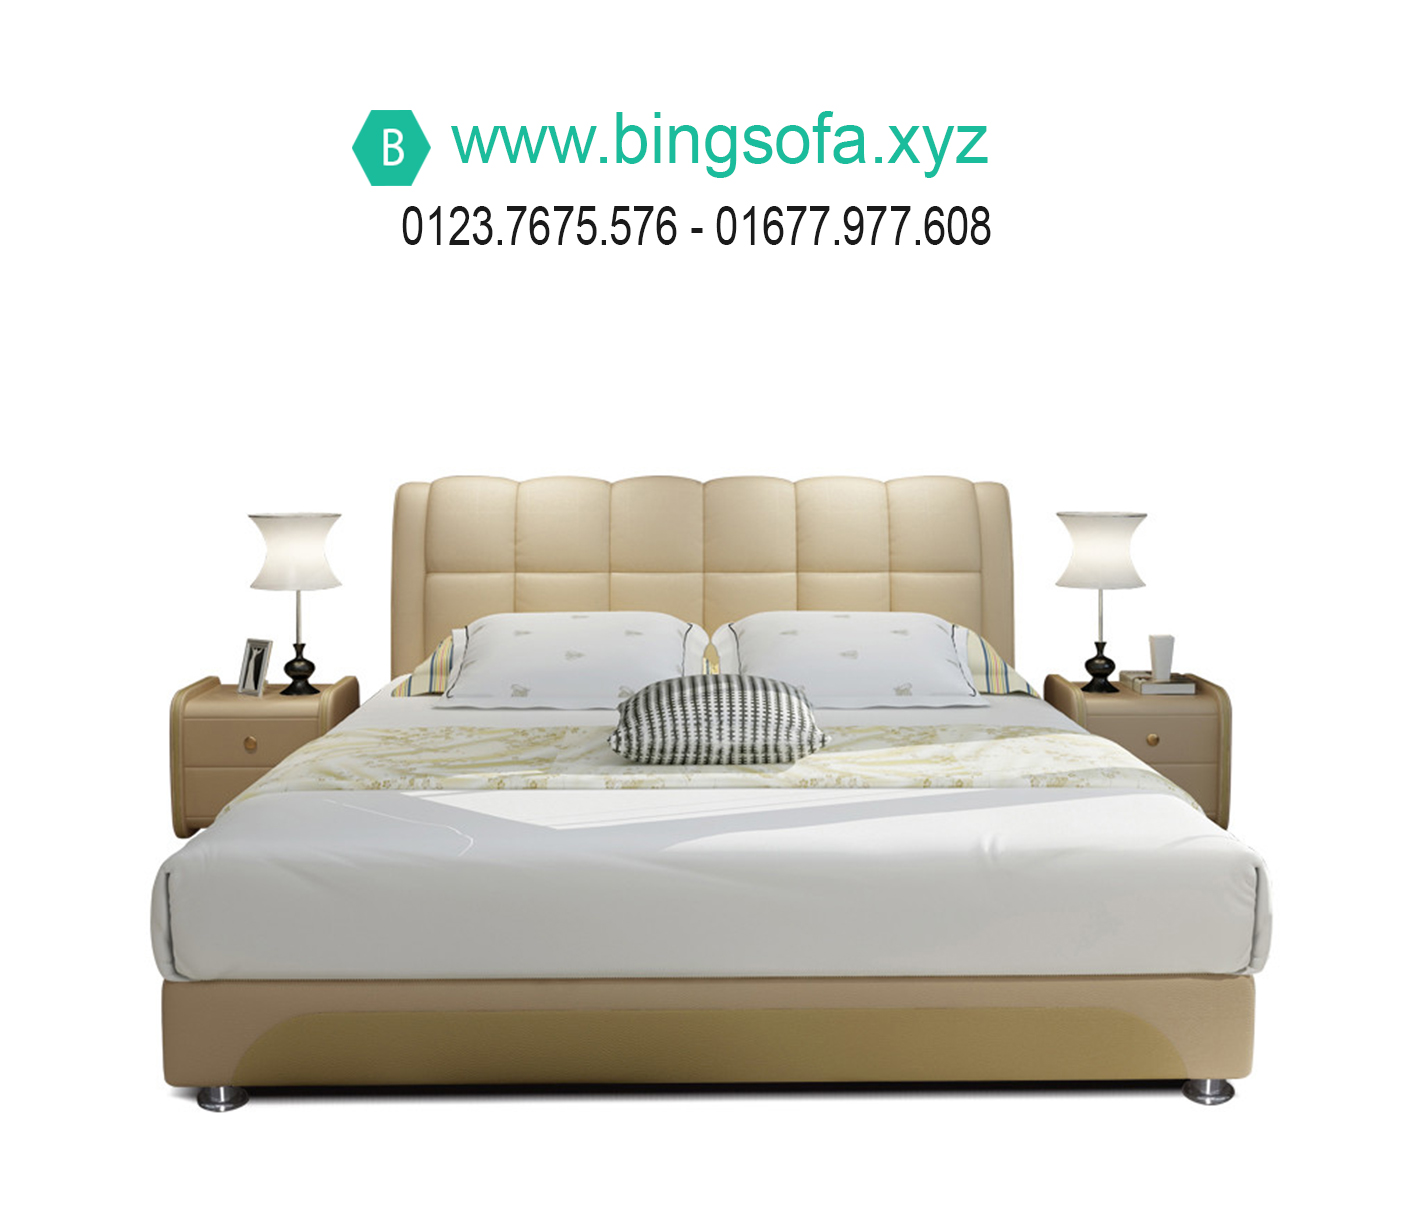 Mẫu giường ngủ bọc nệm da hiện đại GN16